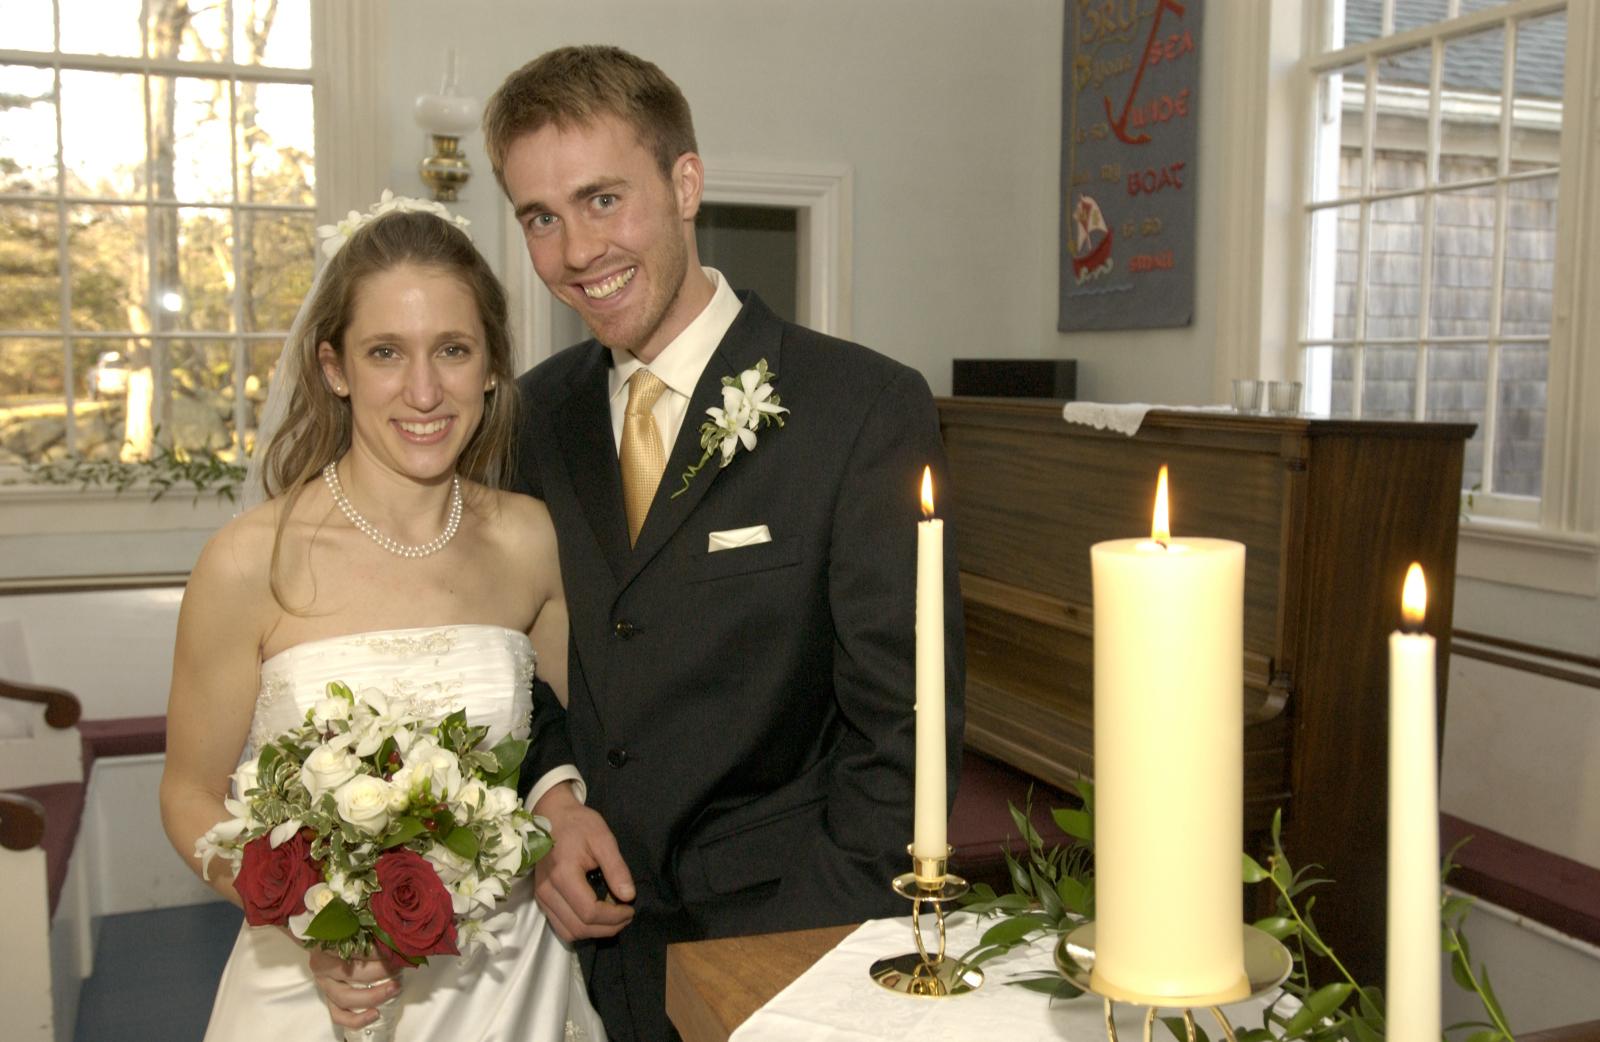 mayhew-wedding